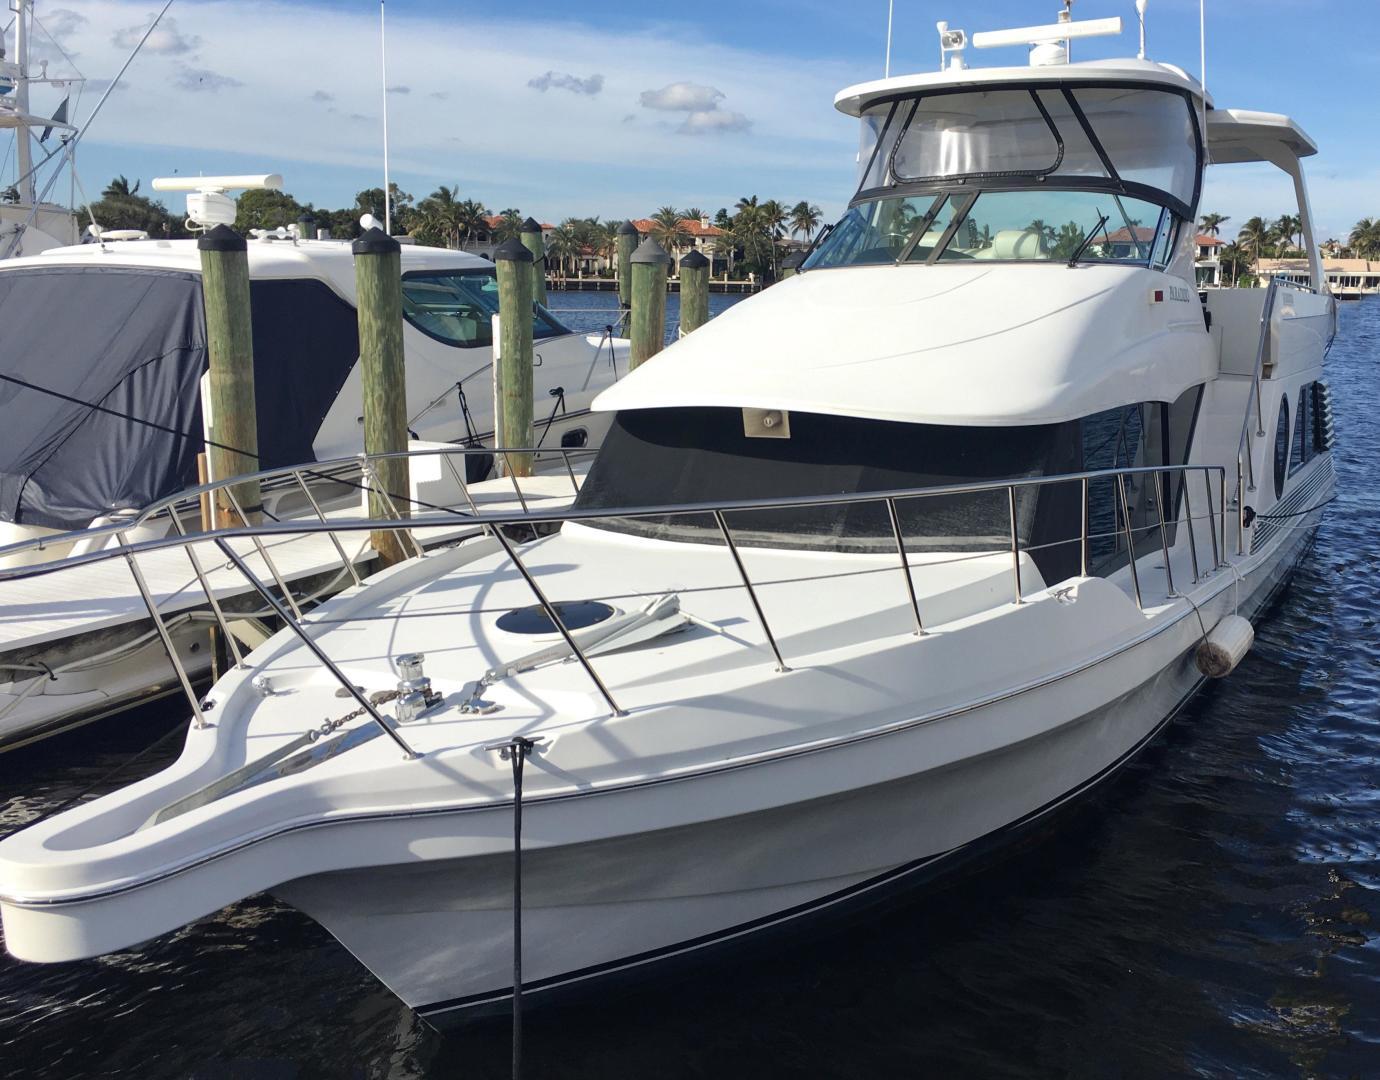 2001 Bluewater Yachts 52' millennium